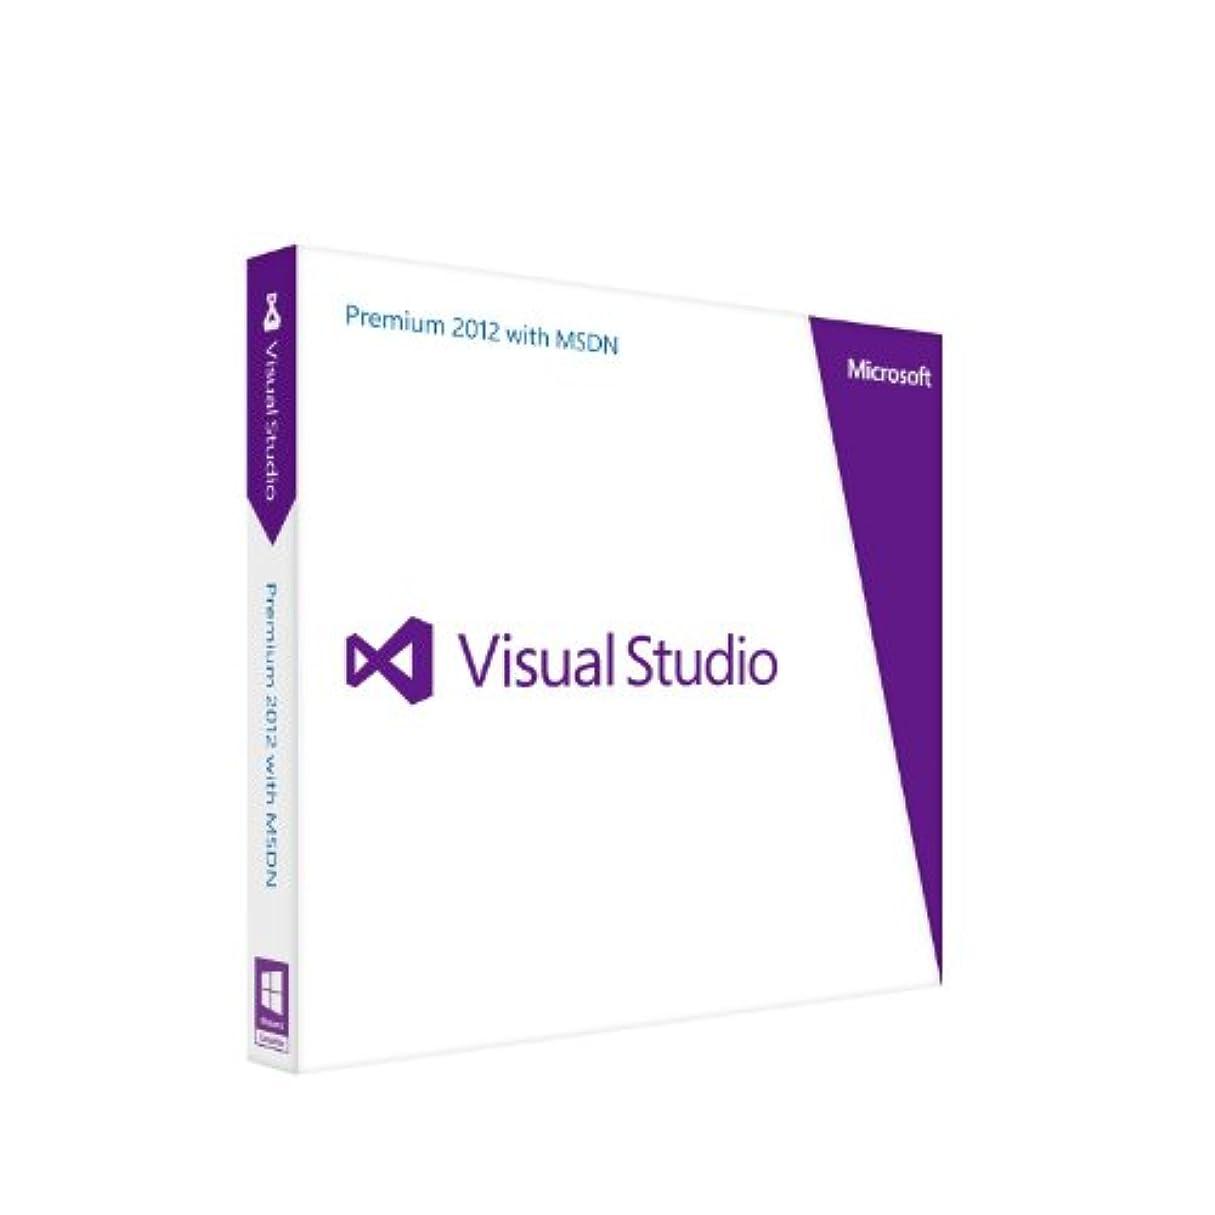 数学的なロッド会社Microsoft Visual Studio 2012 Premium with MSDN  (ソフト1本+Windows 8 タブレット端末1台)